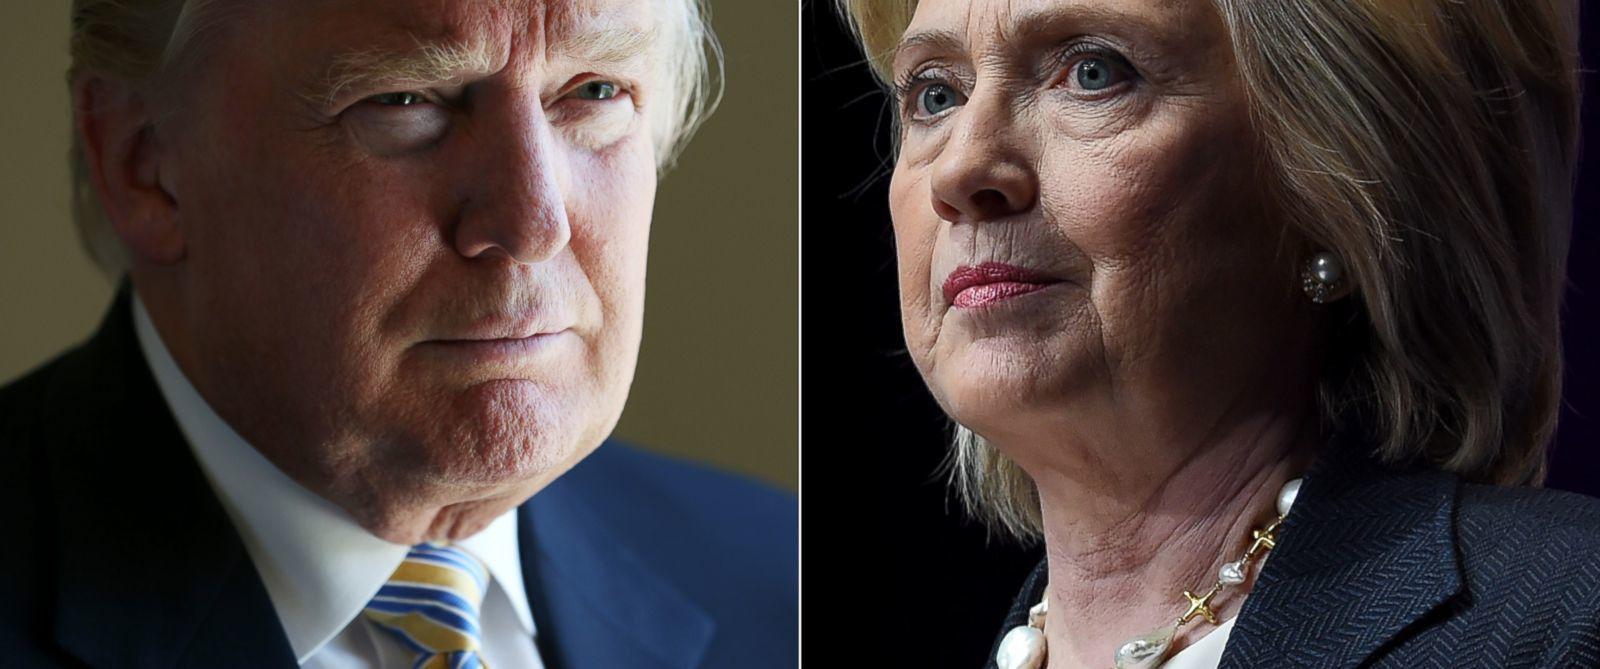 Premier débat pour la présidentielle US: Hillary Clinton menace à nouveau la Russie d'une guerre (Vidéo)